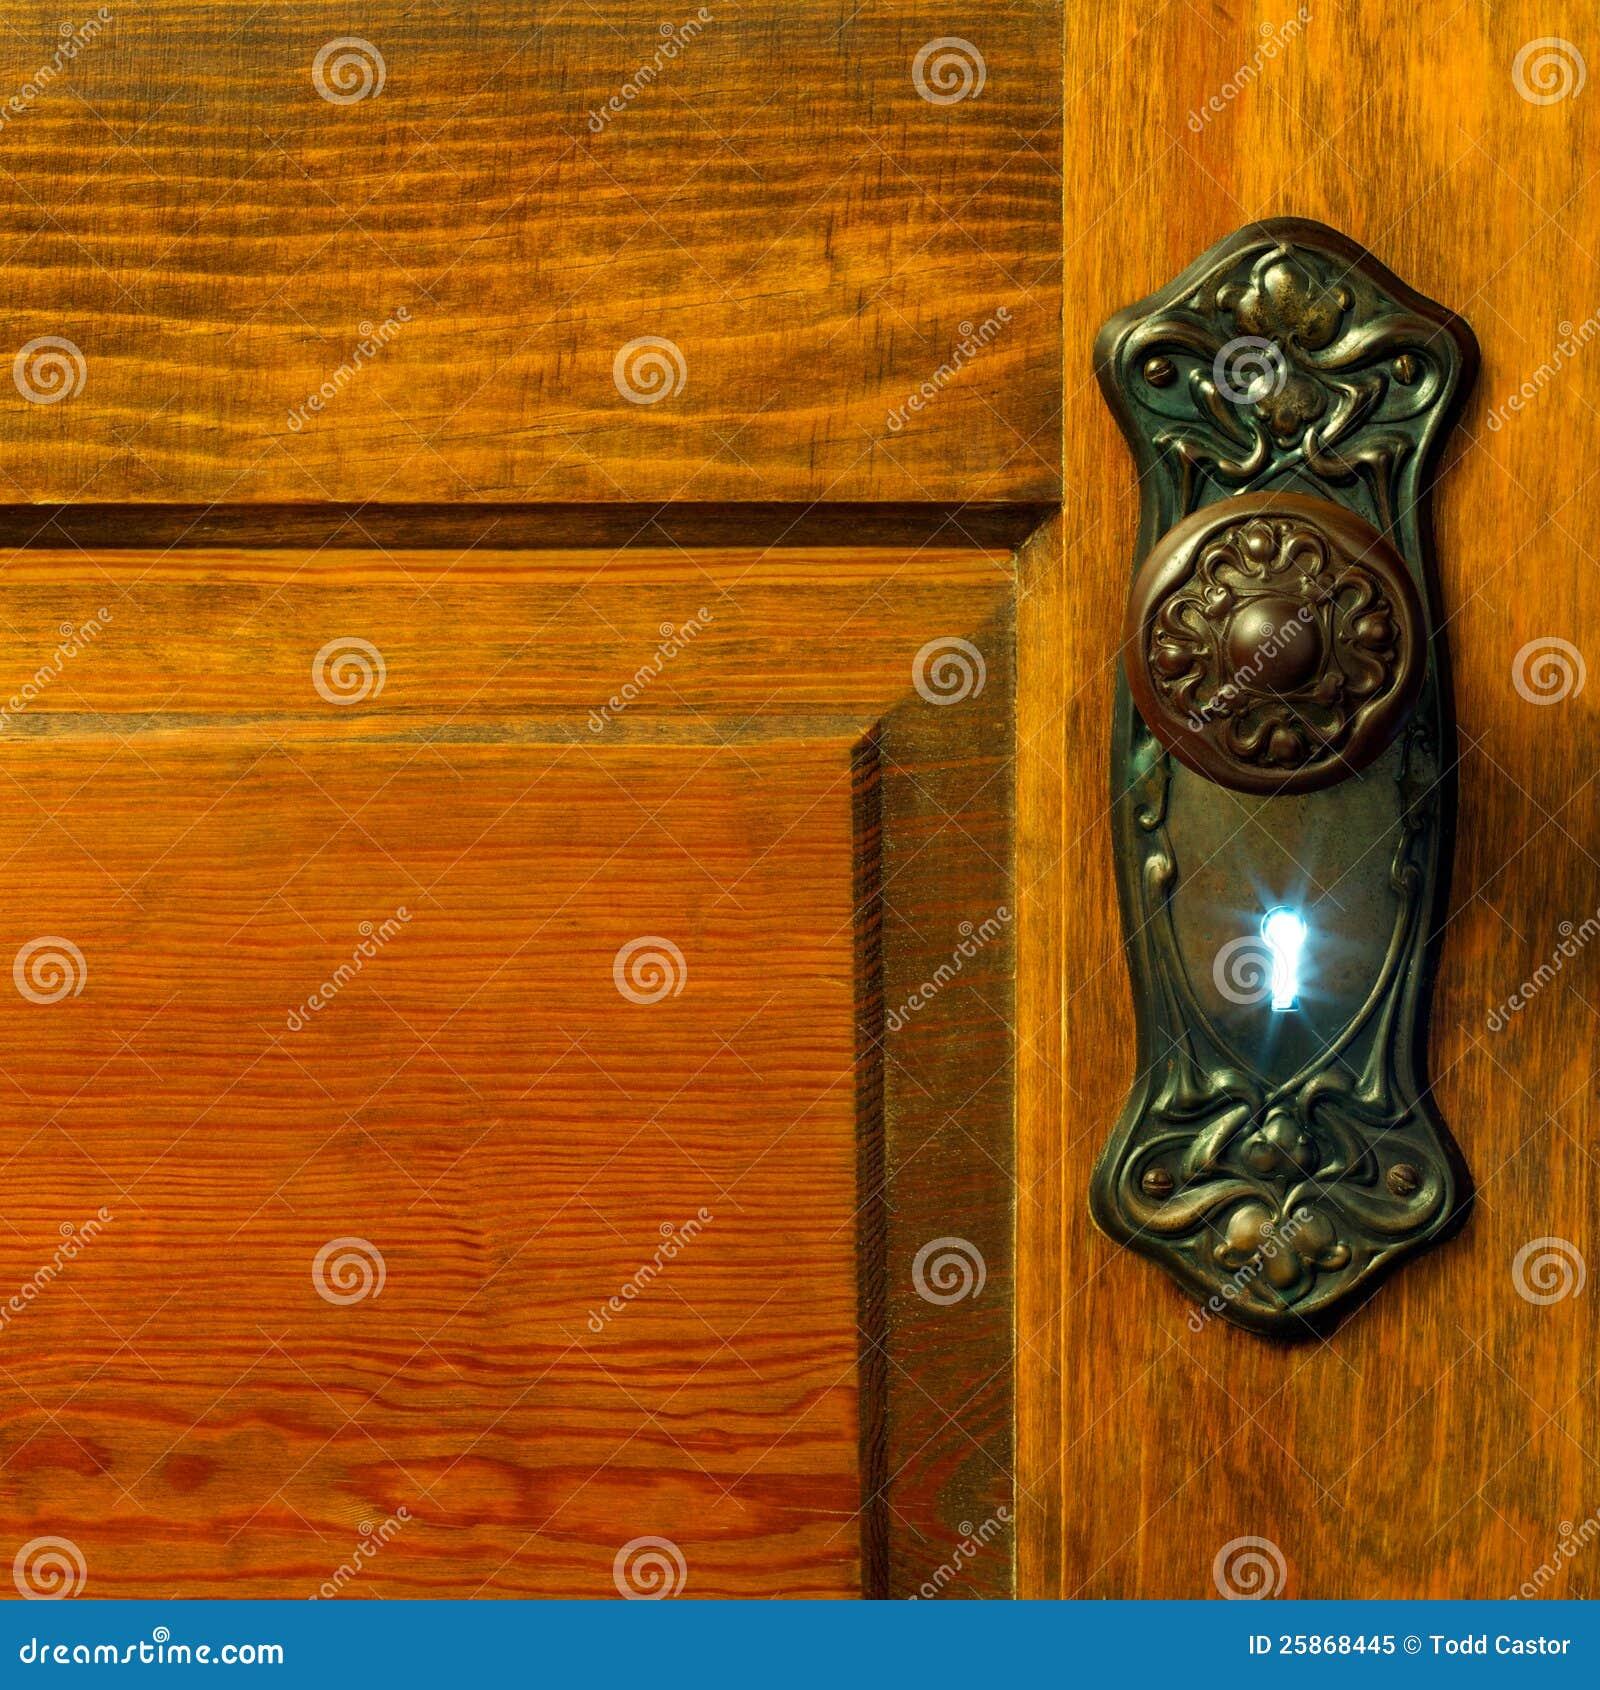 Light Shining Through Old Skeleton Keyhole Stock Image